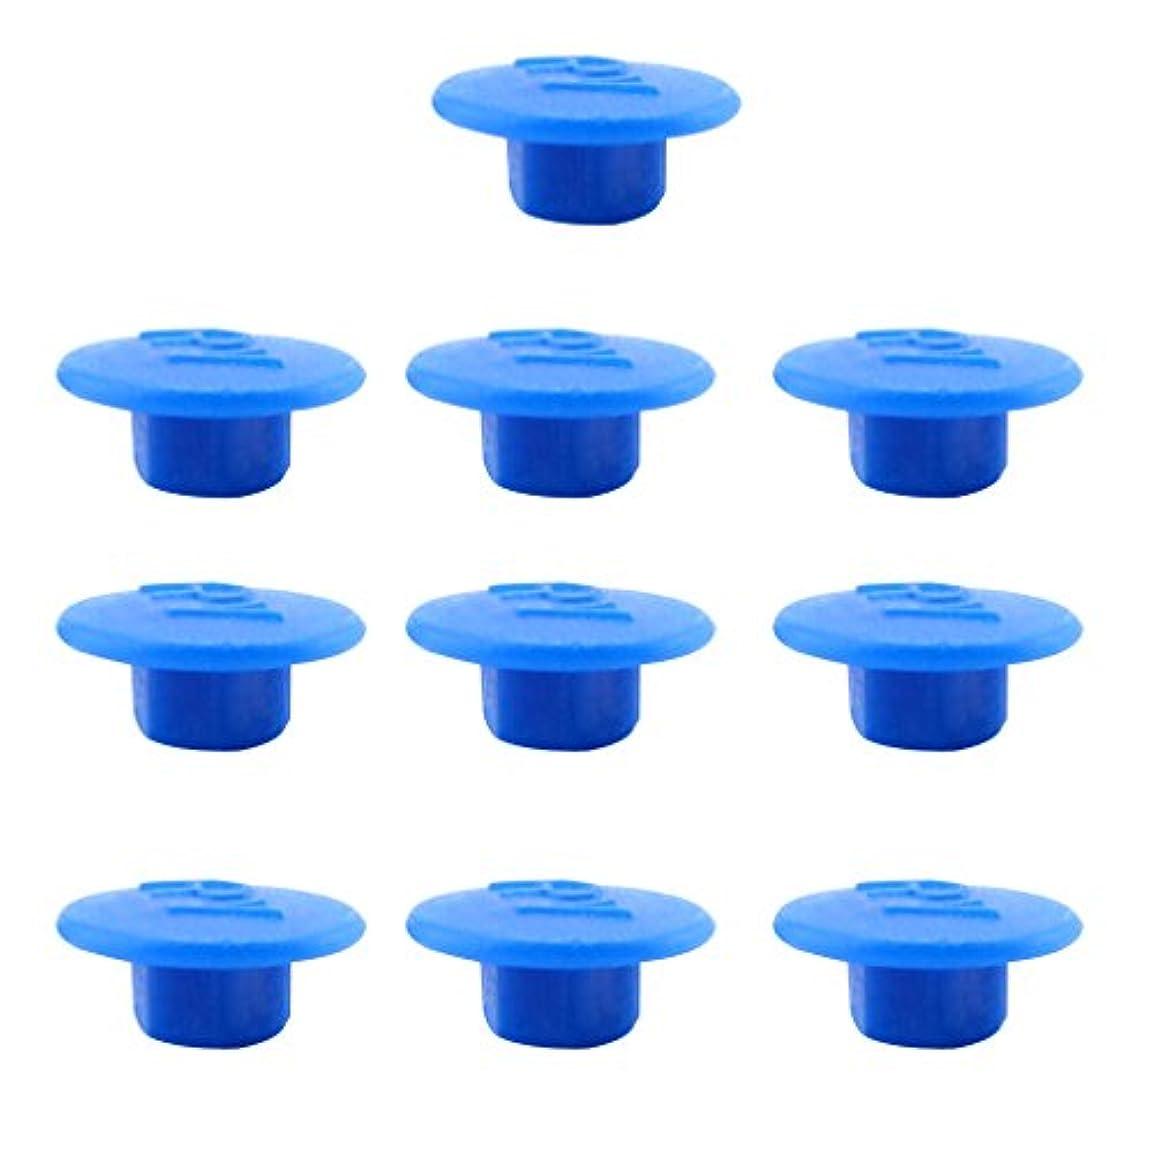 構成するいつ天才T TOOYFUL 全5色 ヘッドセット カバー キャップ 保護 簡単インストール 六角 M5 10個